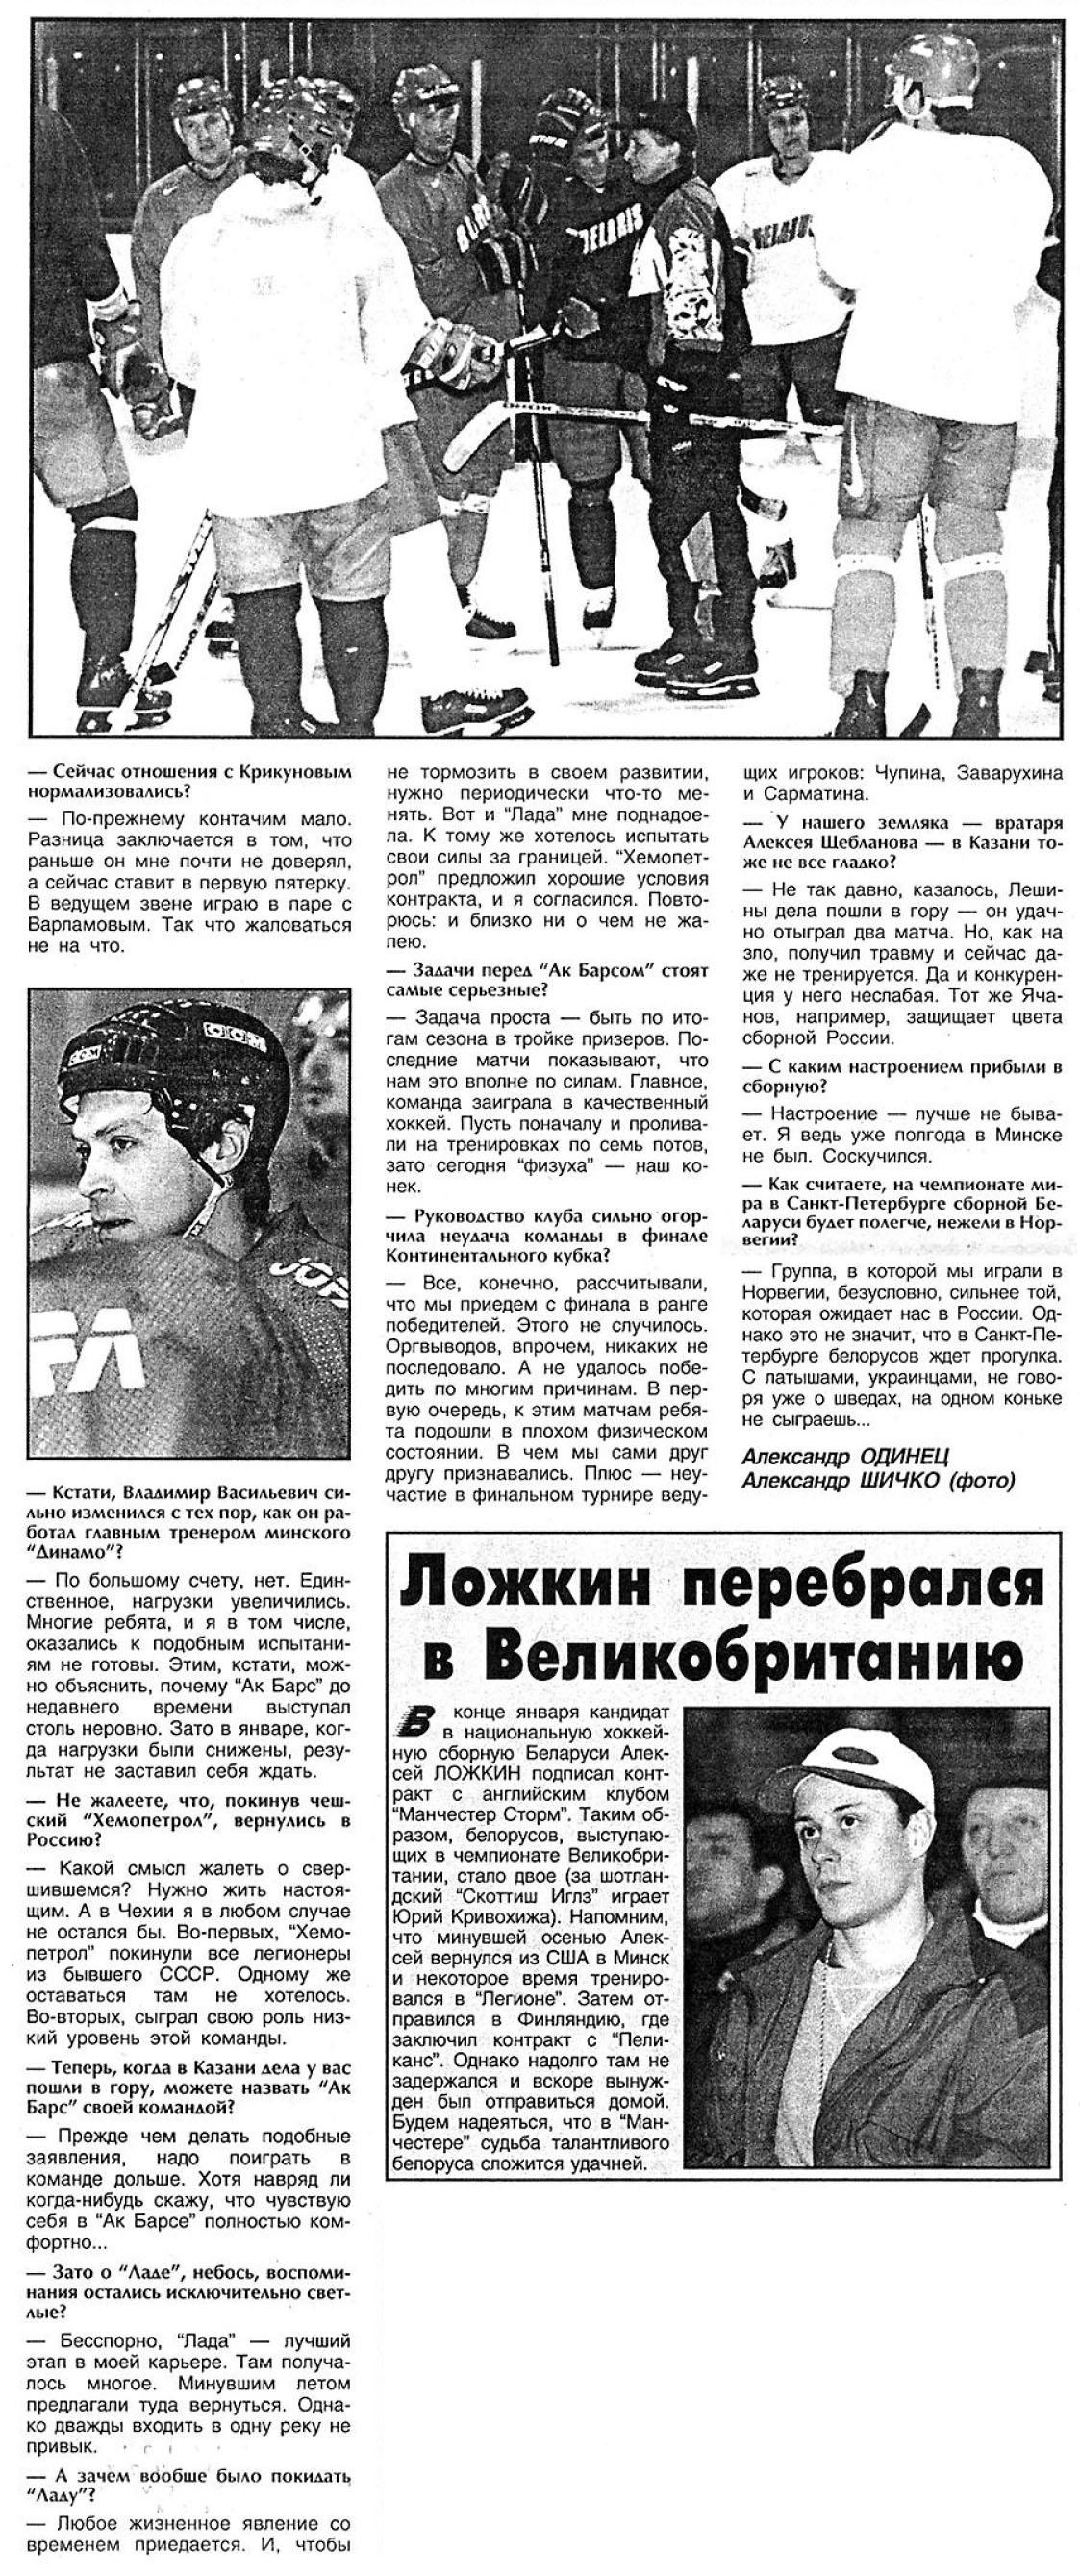 08.02.2000-1.jpg